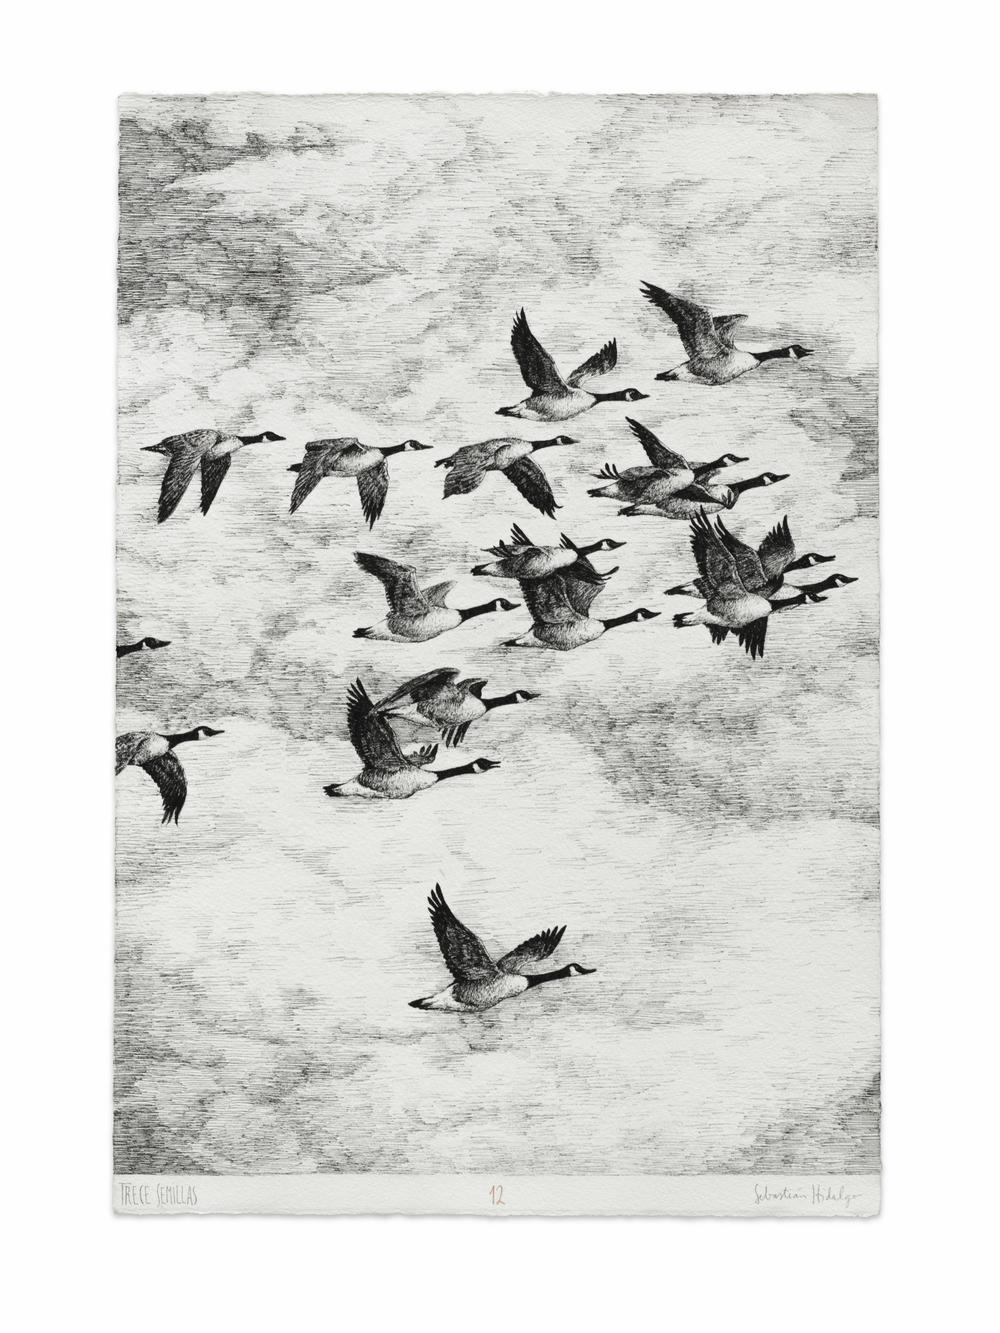 Trece semillas/12, 2015 Ink on paper, 39 x 26.5 cm